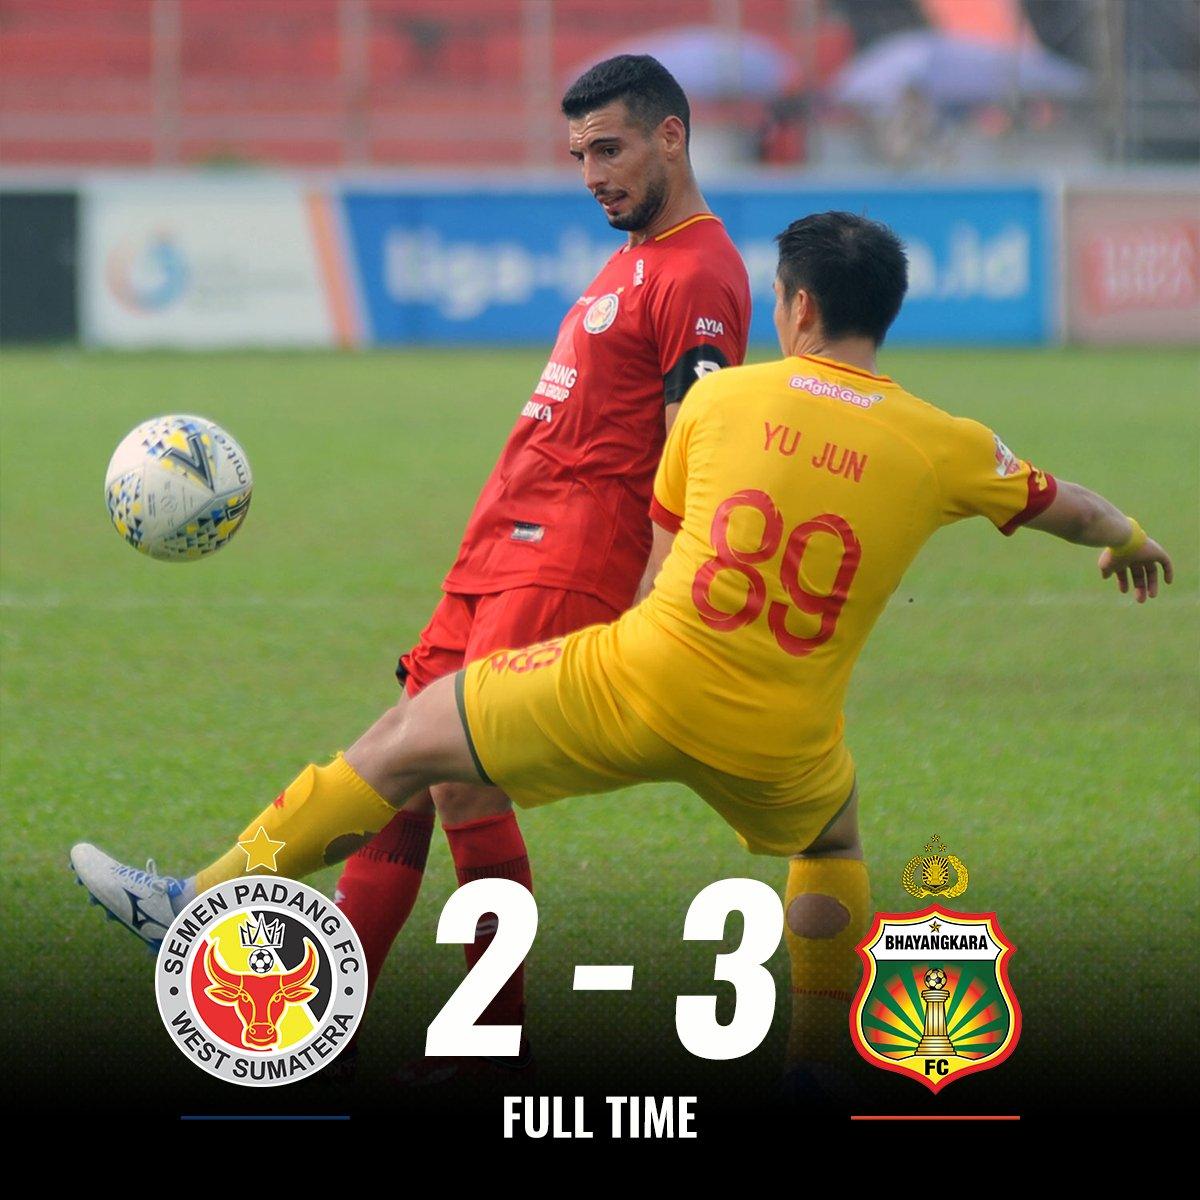 Hasil pertandingan Semen Padang vs Bhayangkara FC